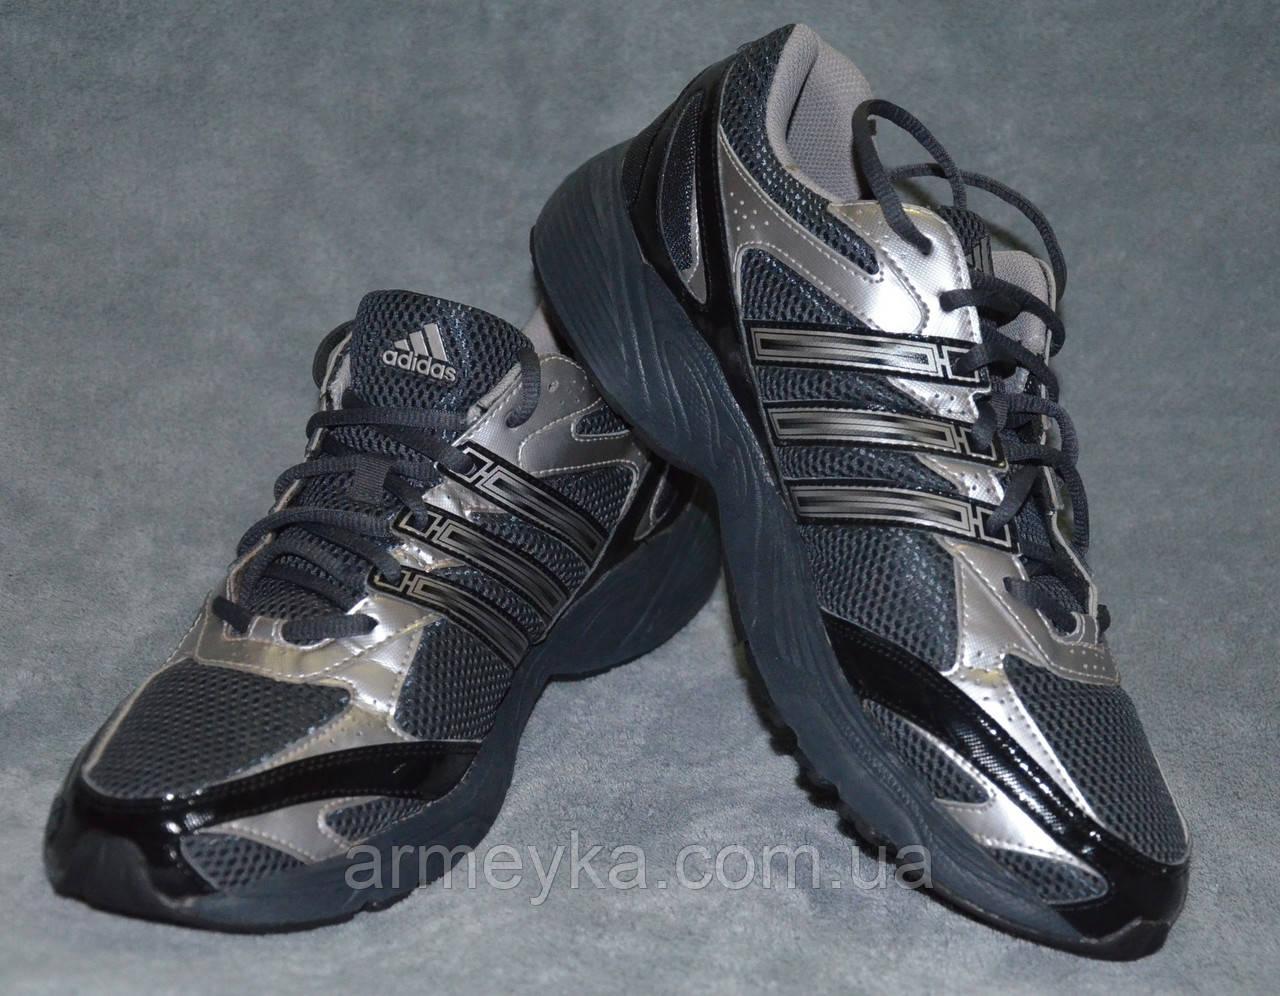 7edb2a7f Тренировочные кроссовки Bundeswehr Adidas (серые). ВС Германии, оригинал. -  ARMEYKA -